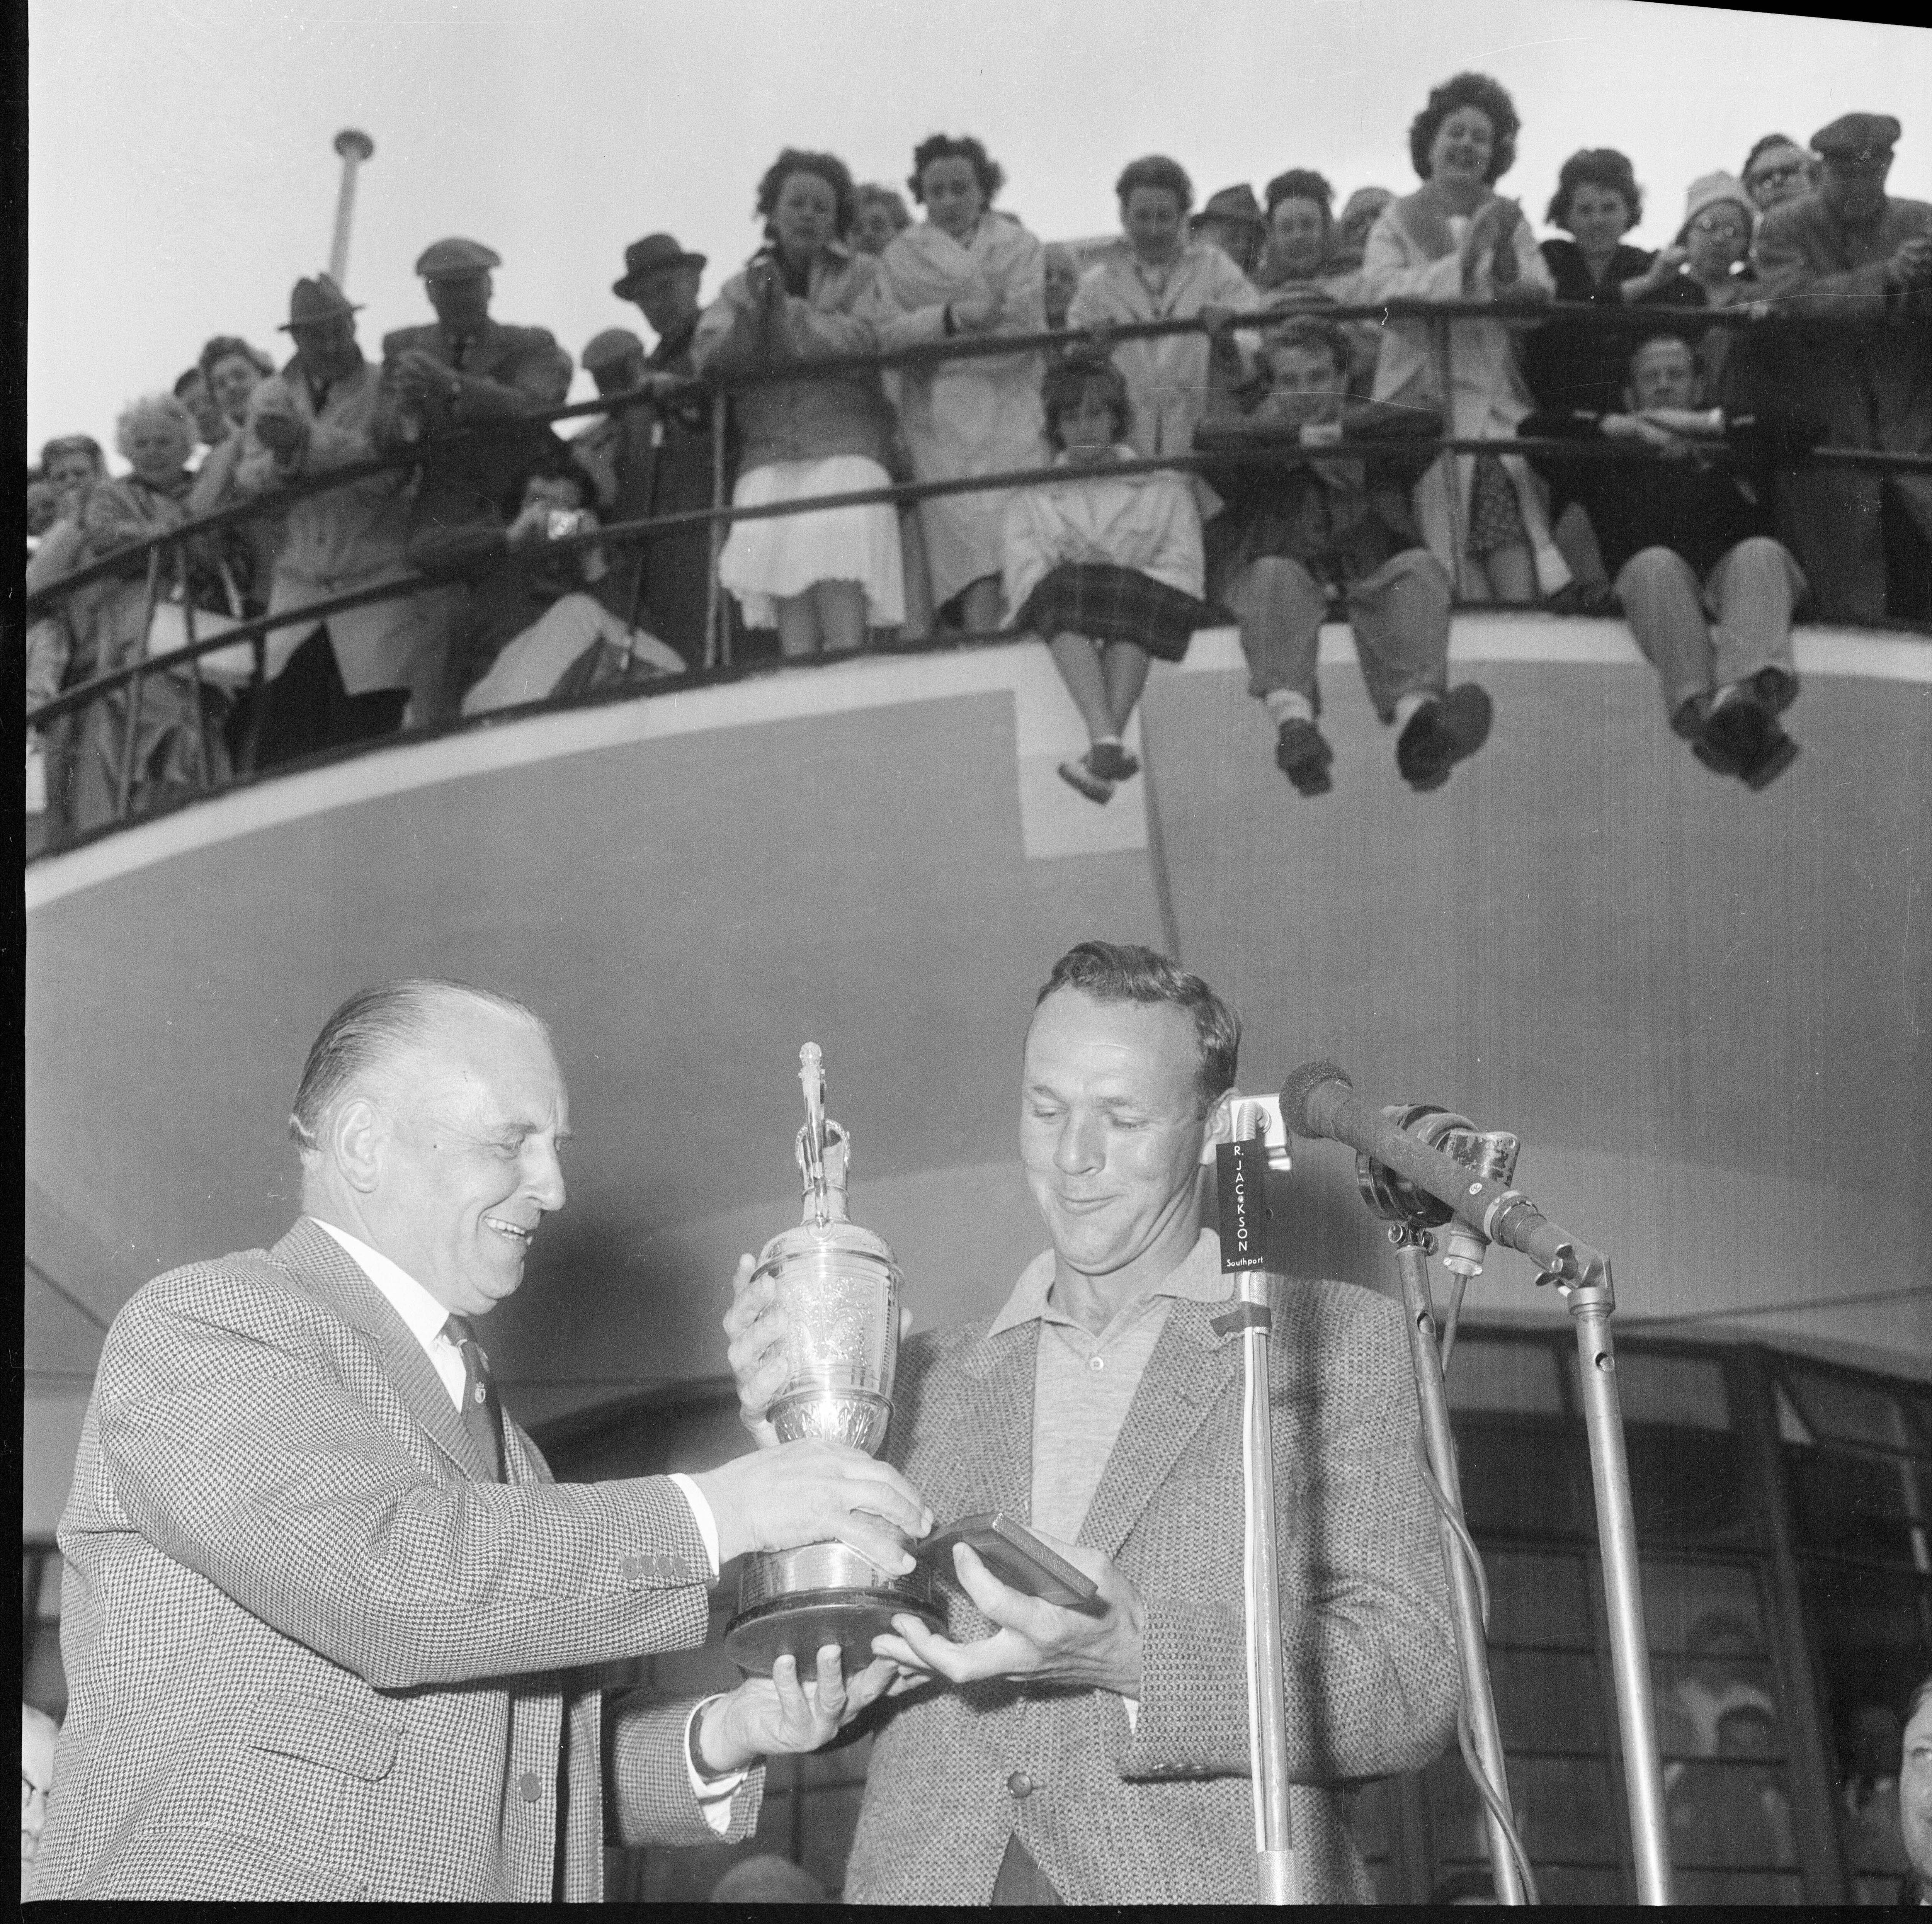 9. 1961: Arnie's second chance